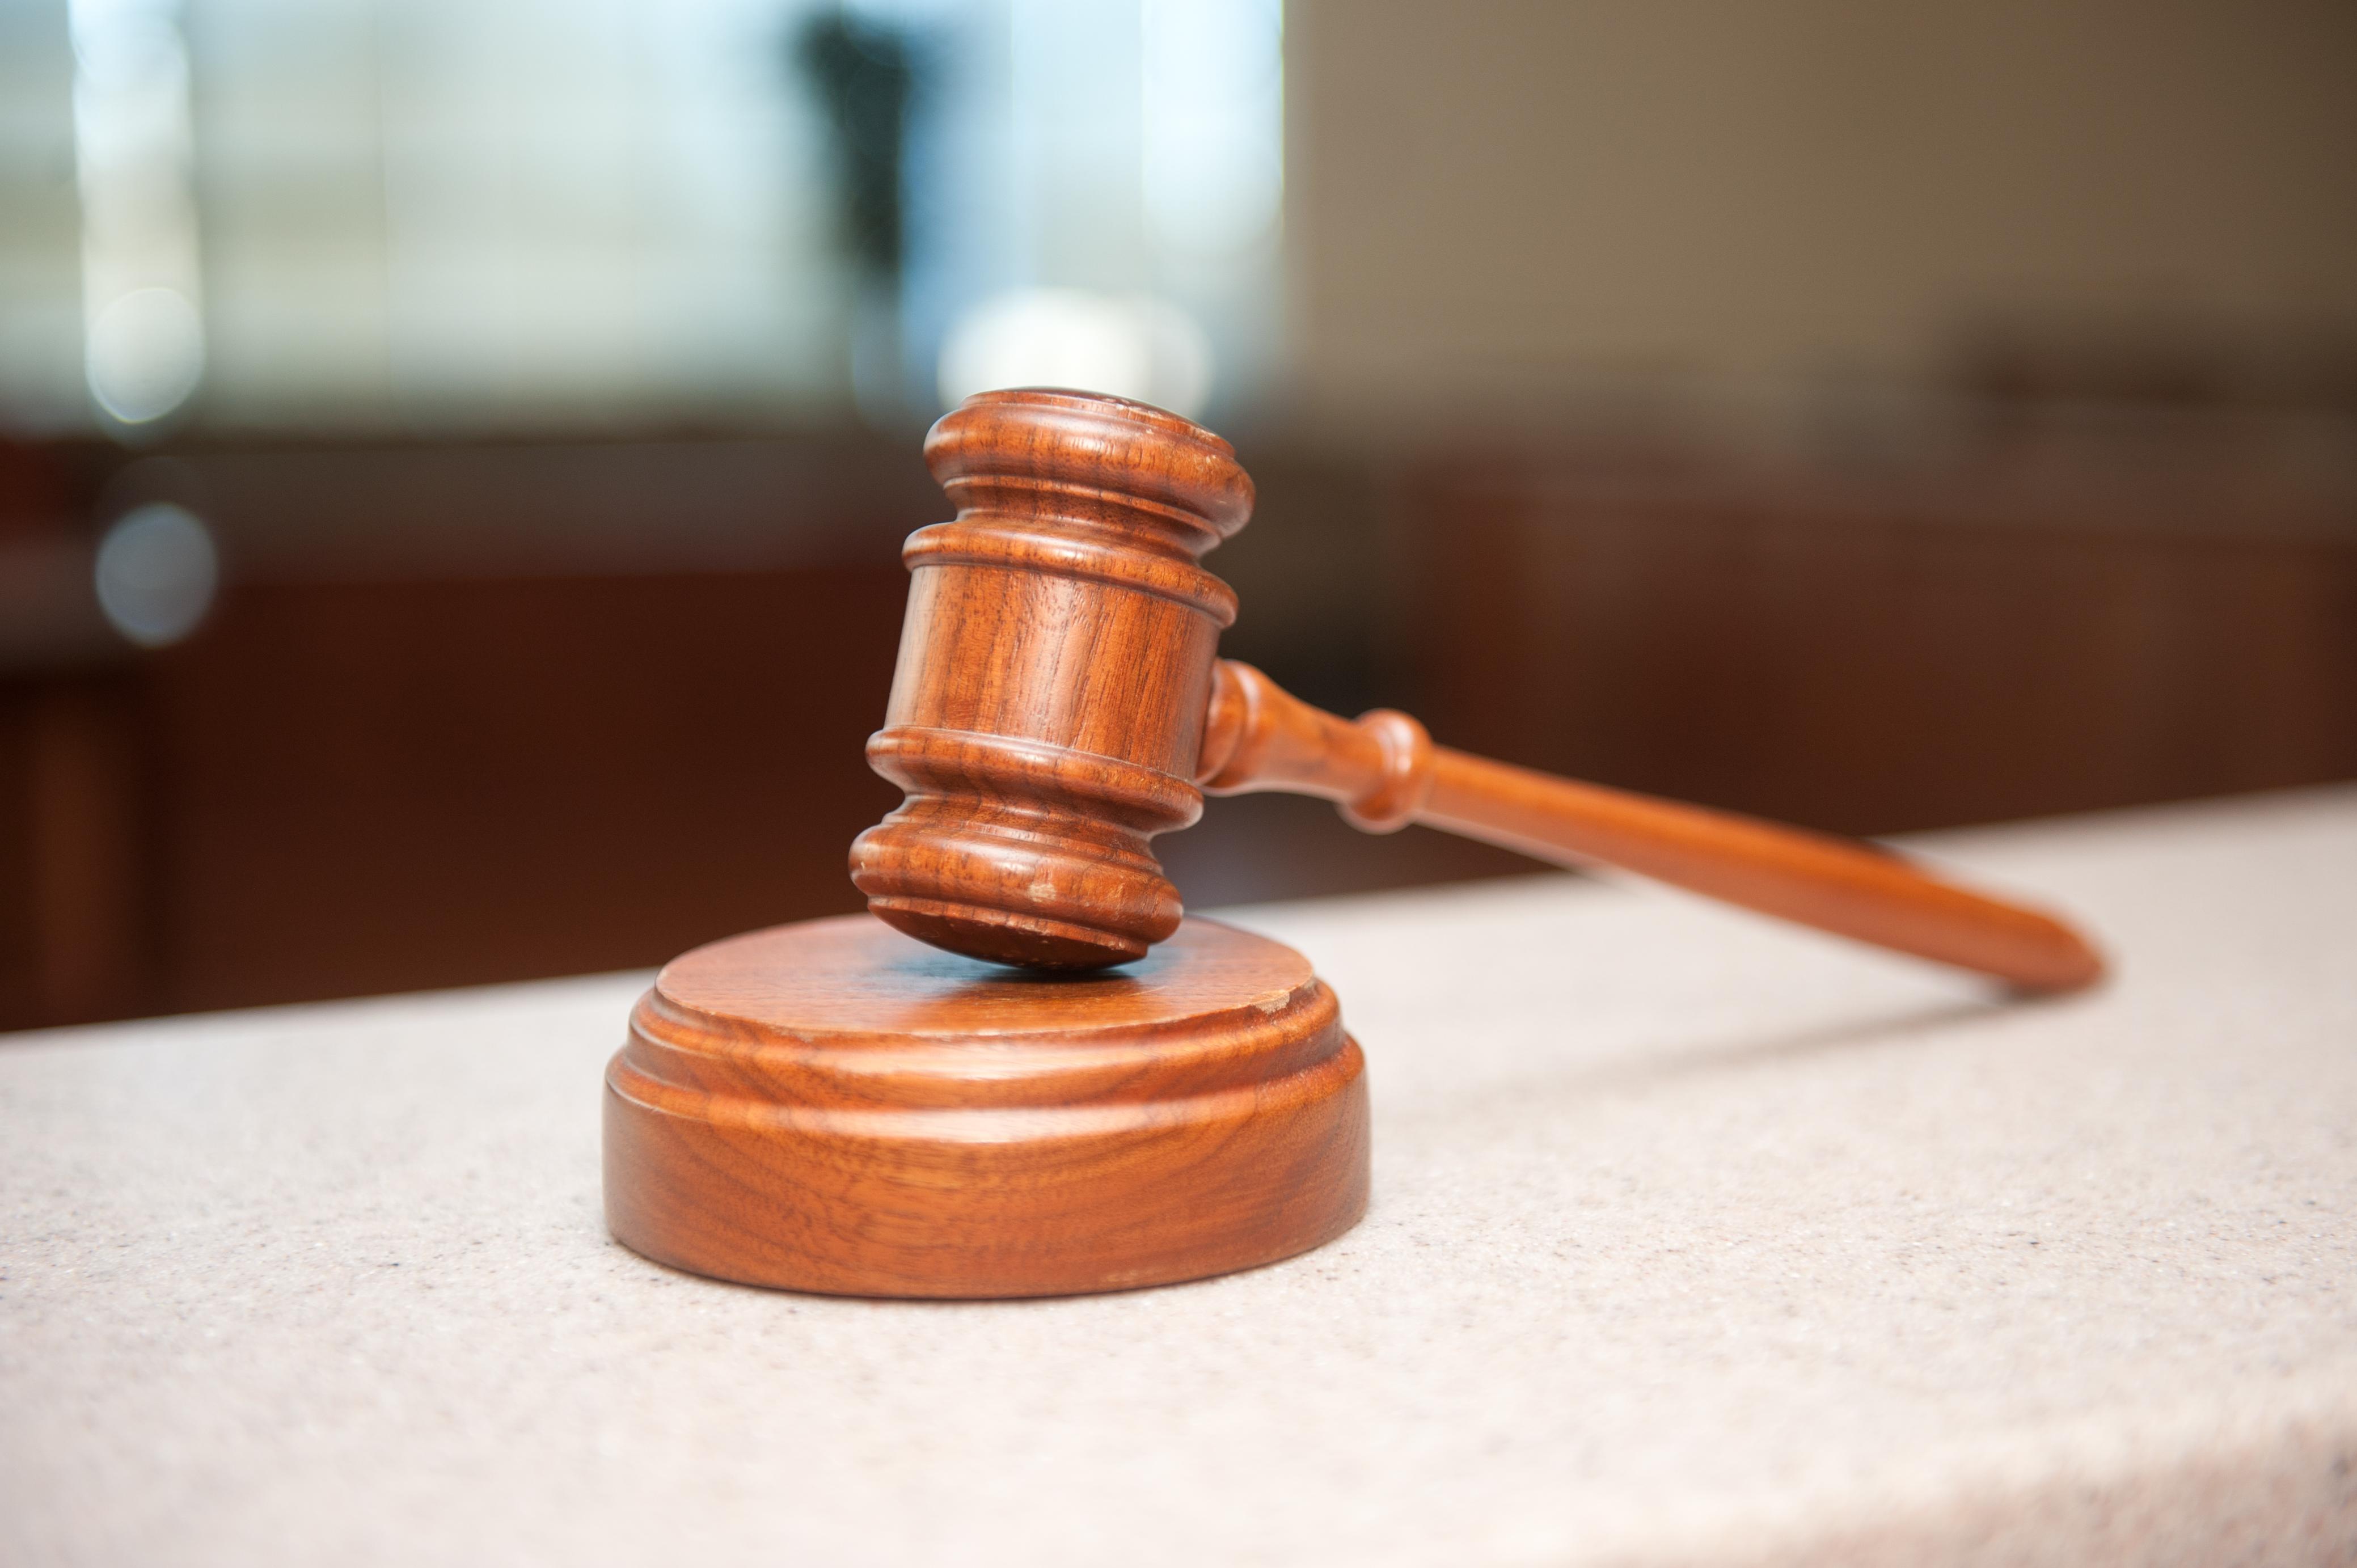 发明专利申请诉讼程序